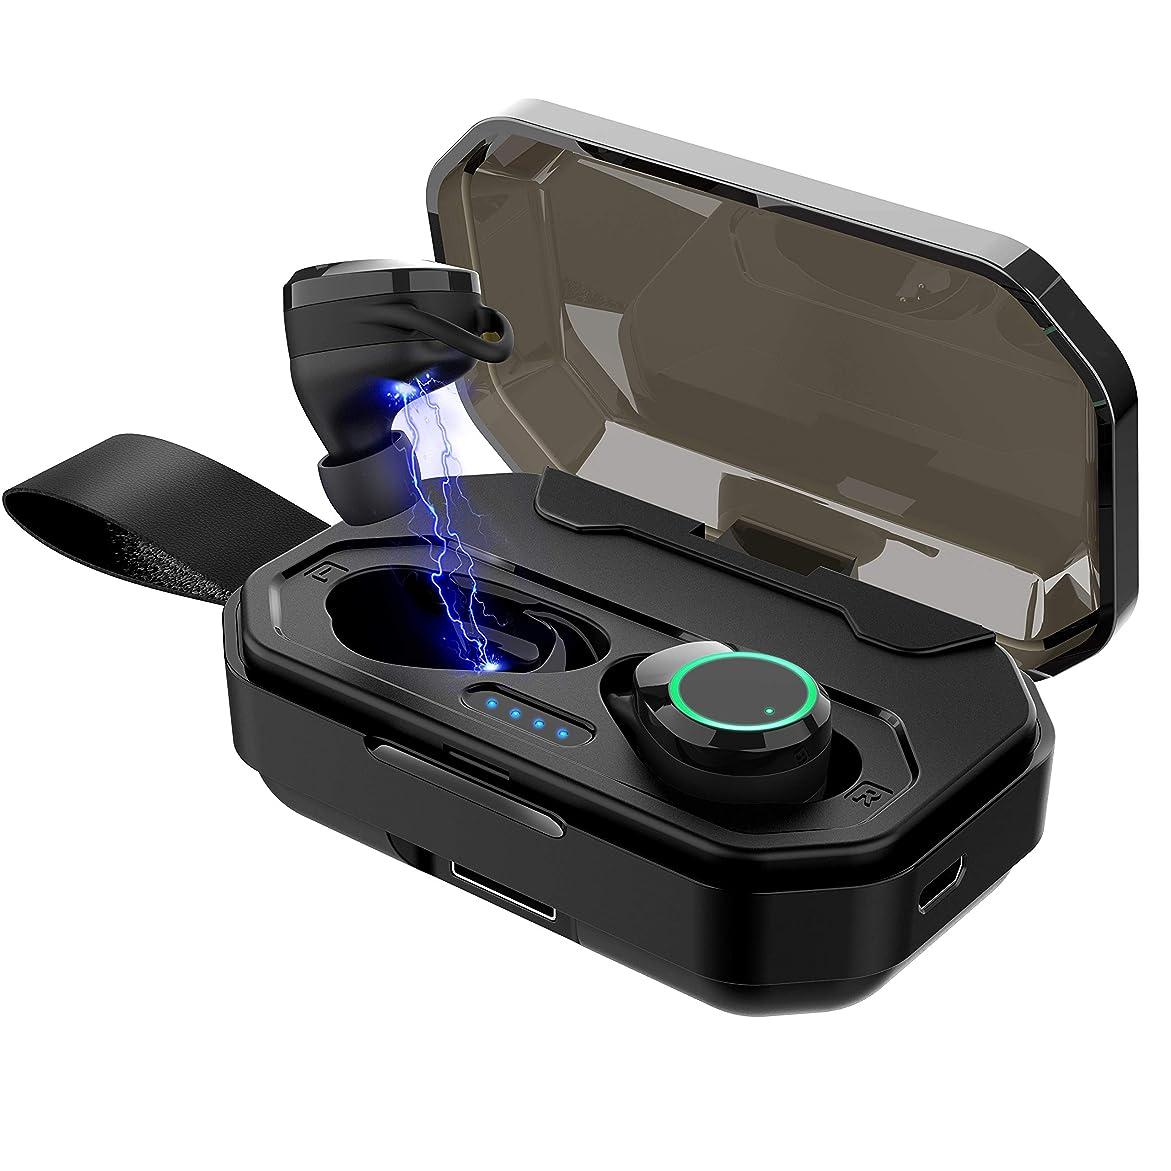 ヘルパー手首主要な【最新Bluetooth5.0】ブルートゥース ワイヤレスイヤホン 高音質 カナル型 左右分離型 5時間連続再生 IPX7完全防水 タッチセンサー操作 音漏れ防止 iPhone/iPad/Android対応